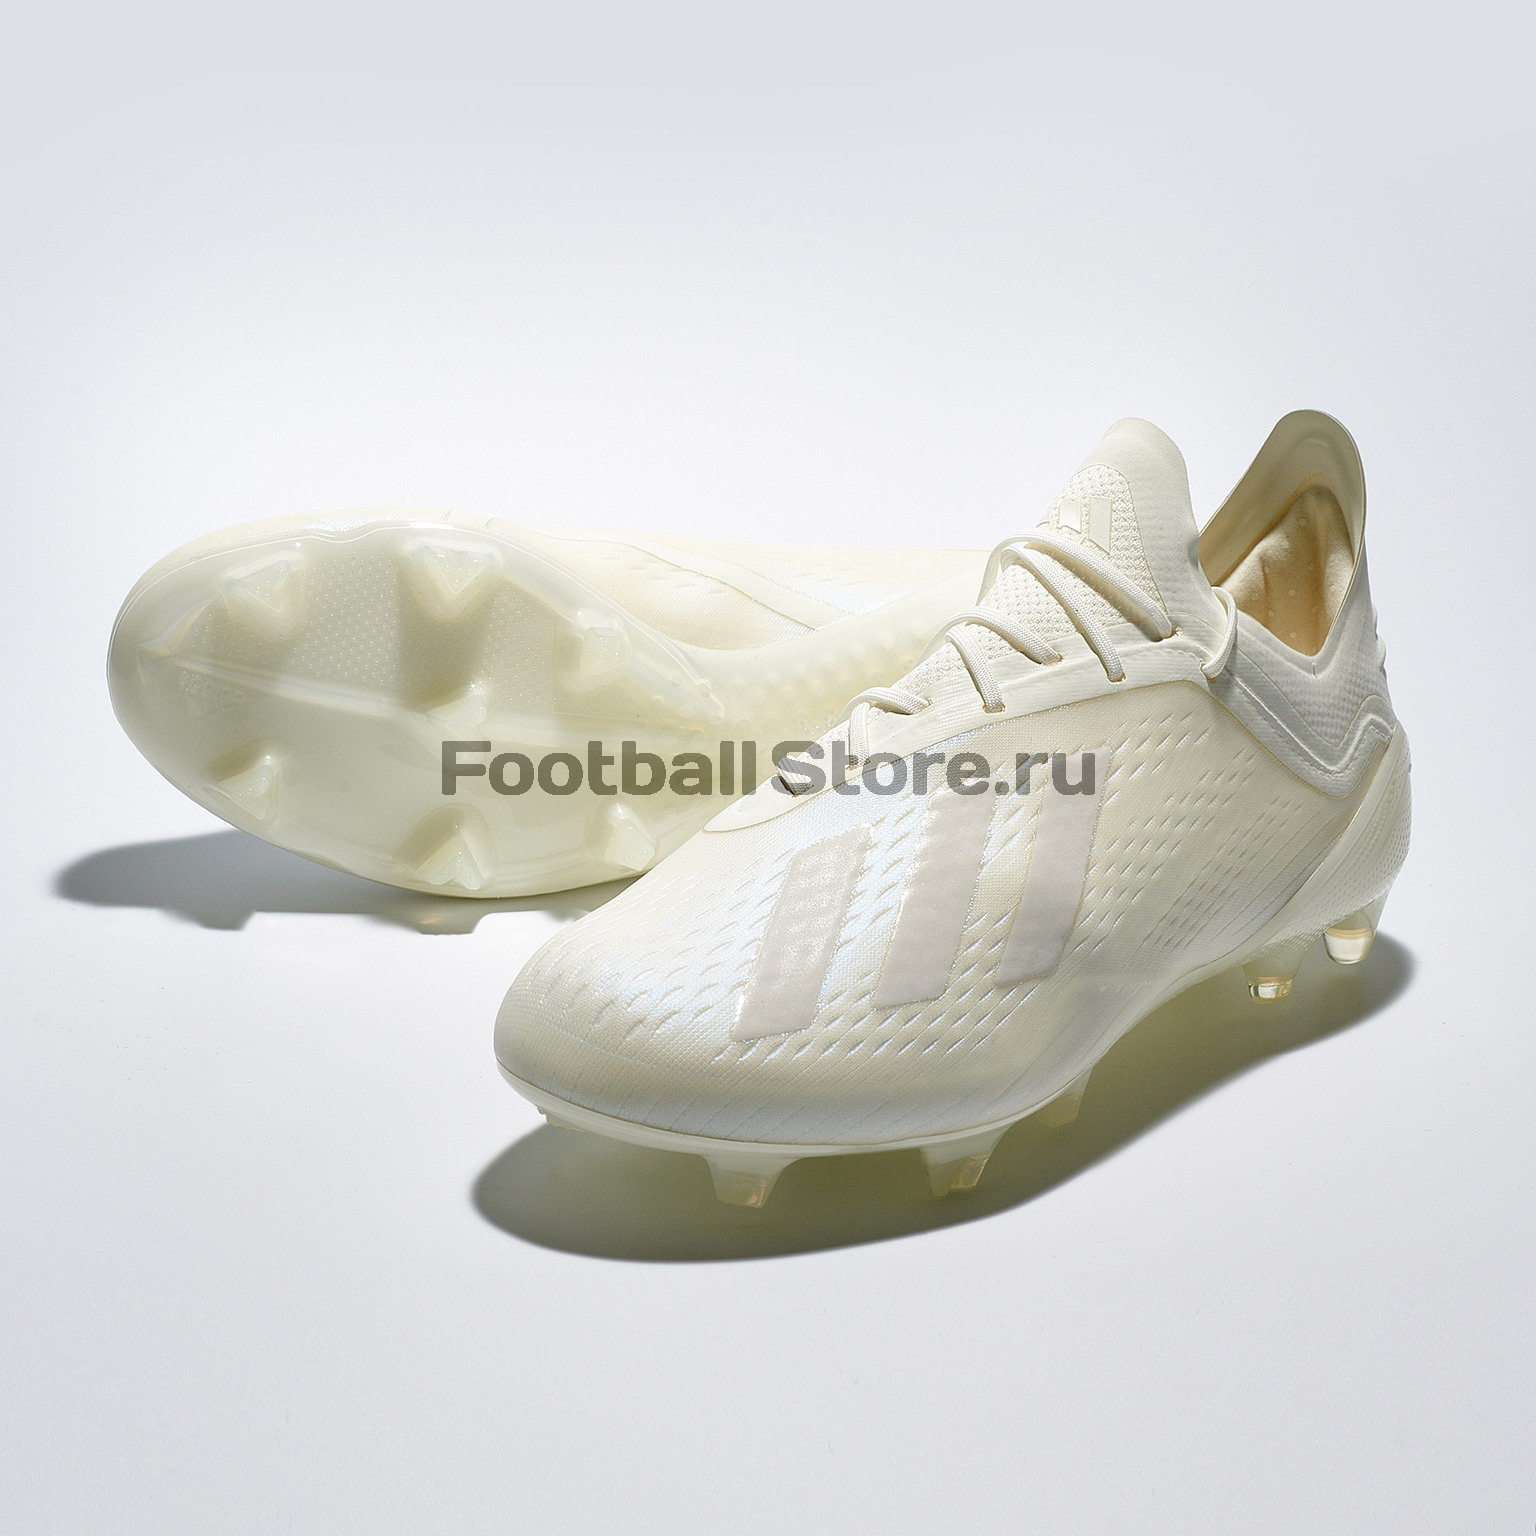 Бутсы Adidas X 18.1 FG DB2247 бутсы adidas бутсы